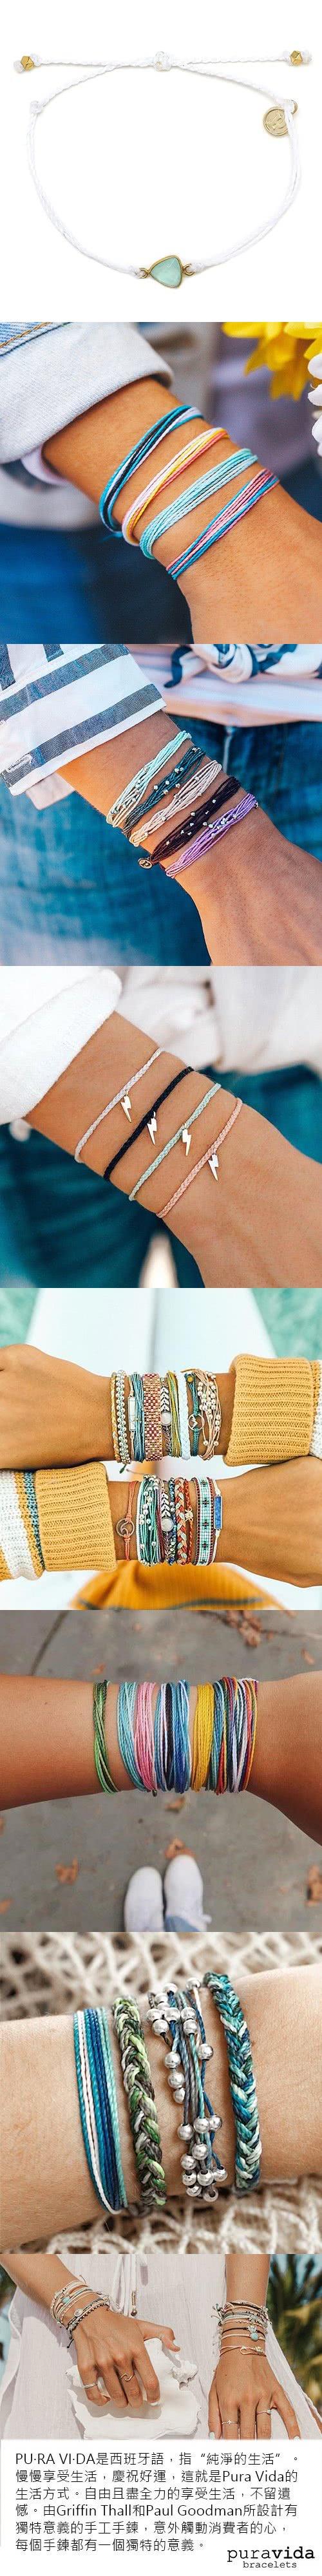 (複製)Pura Vida 美國手工 白紋石長形墜飾 奶油色臘線衝浪手鍊手環